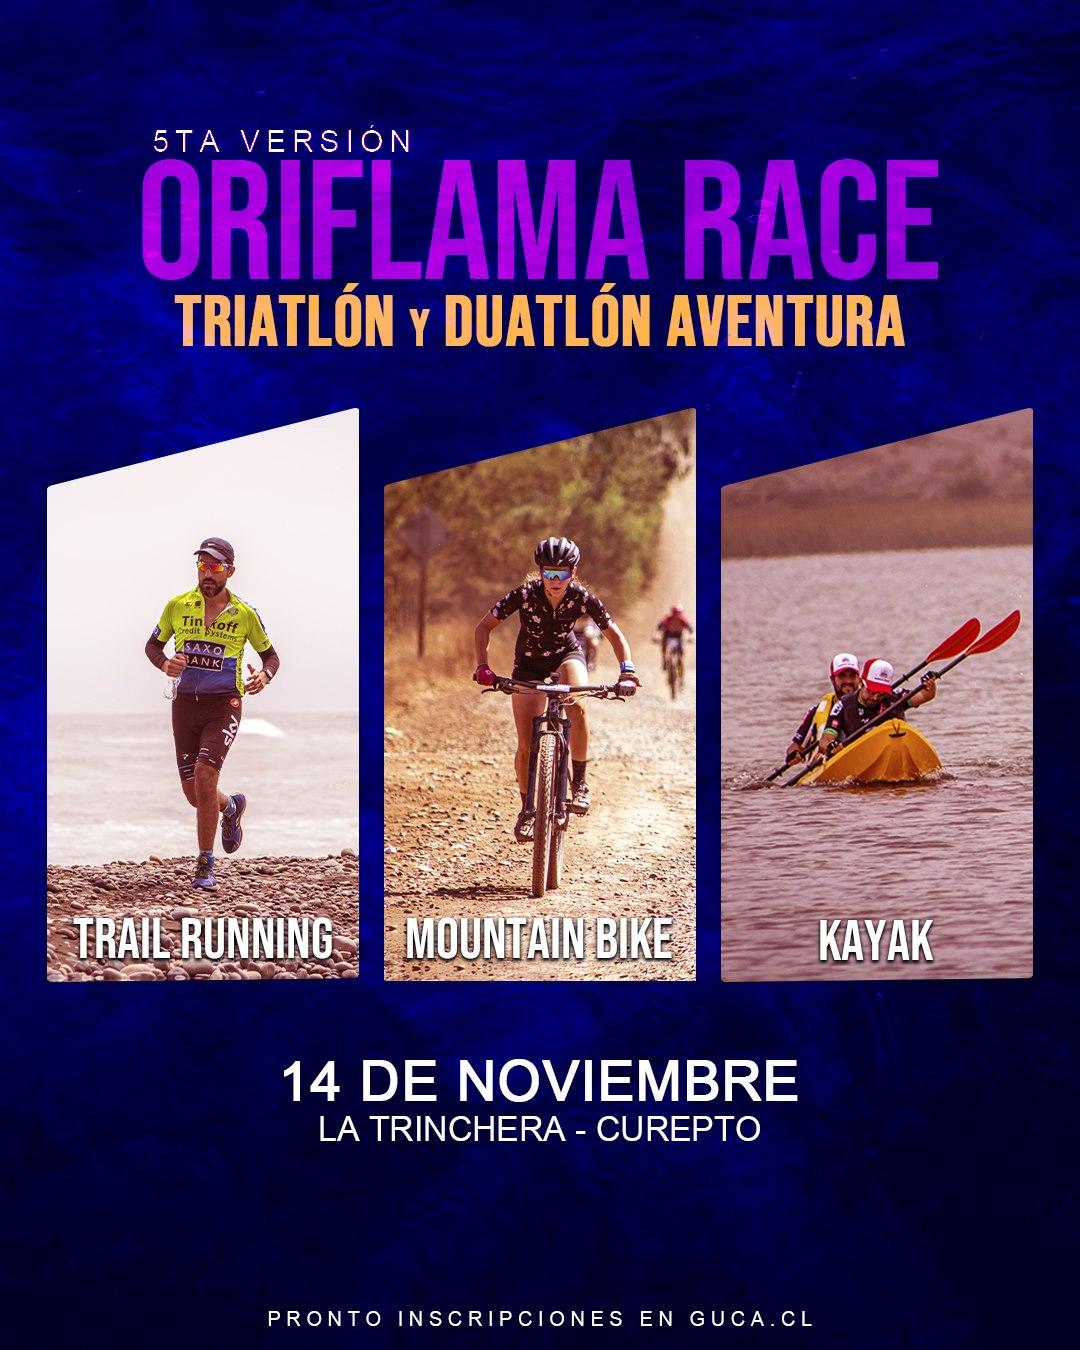 Oriflama Race - Curepto